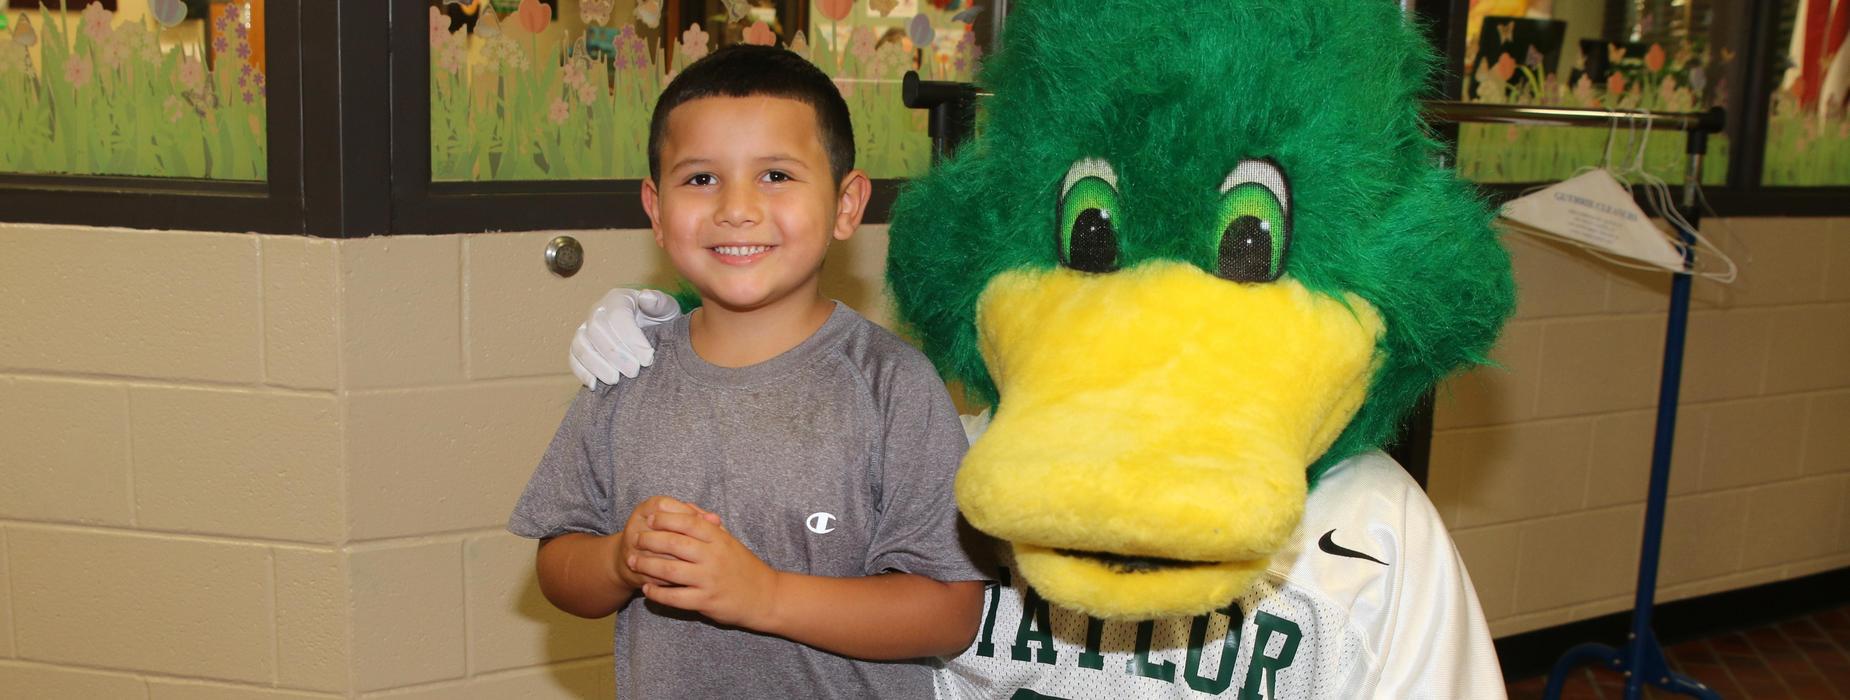 Kindergartener with Mascot